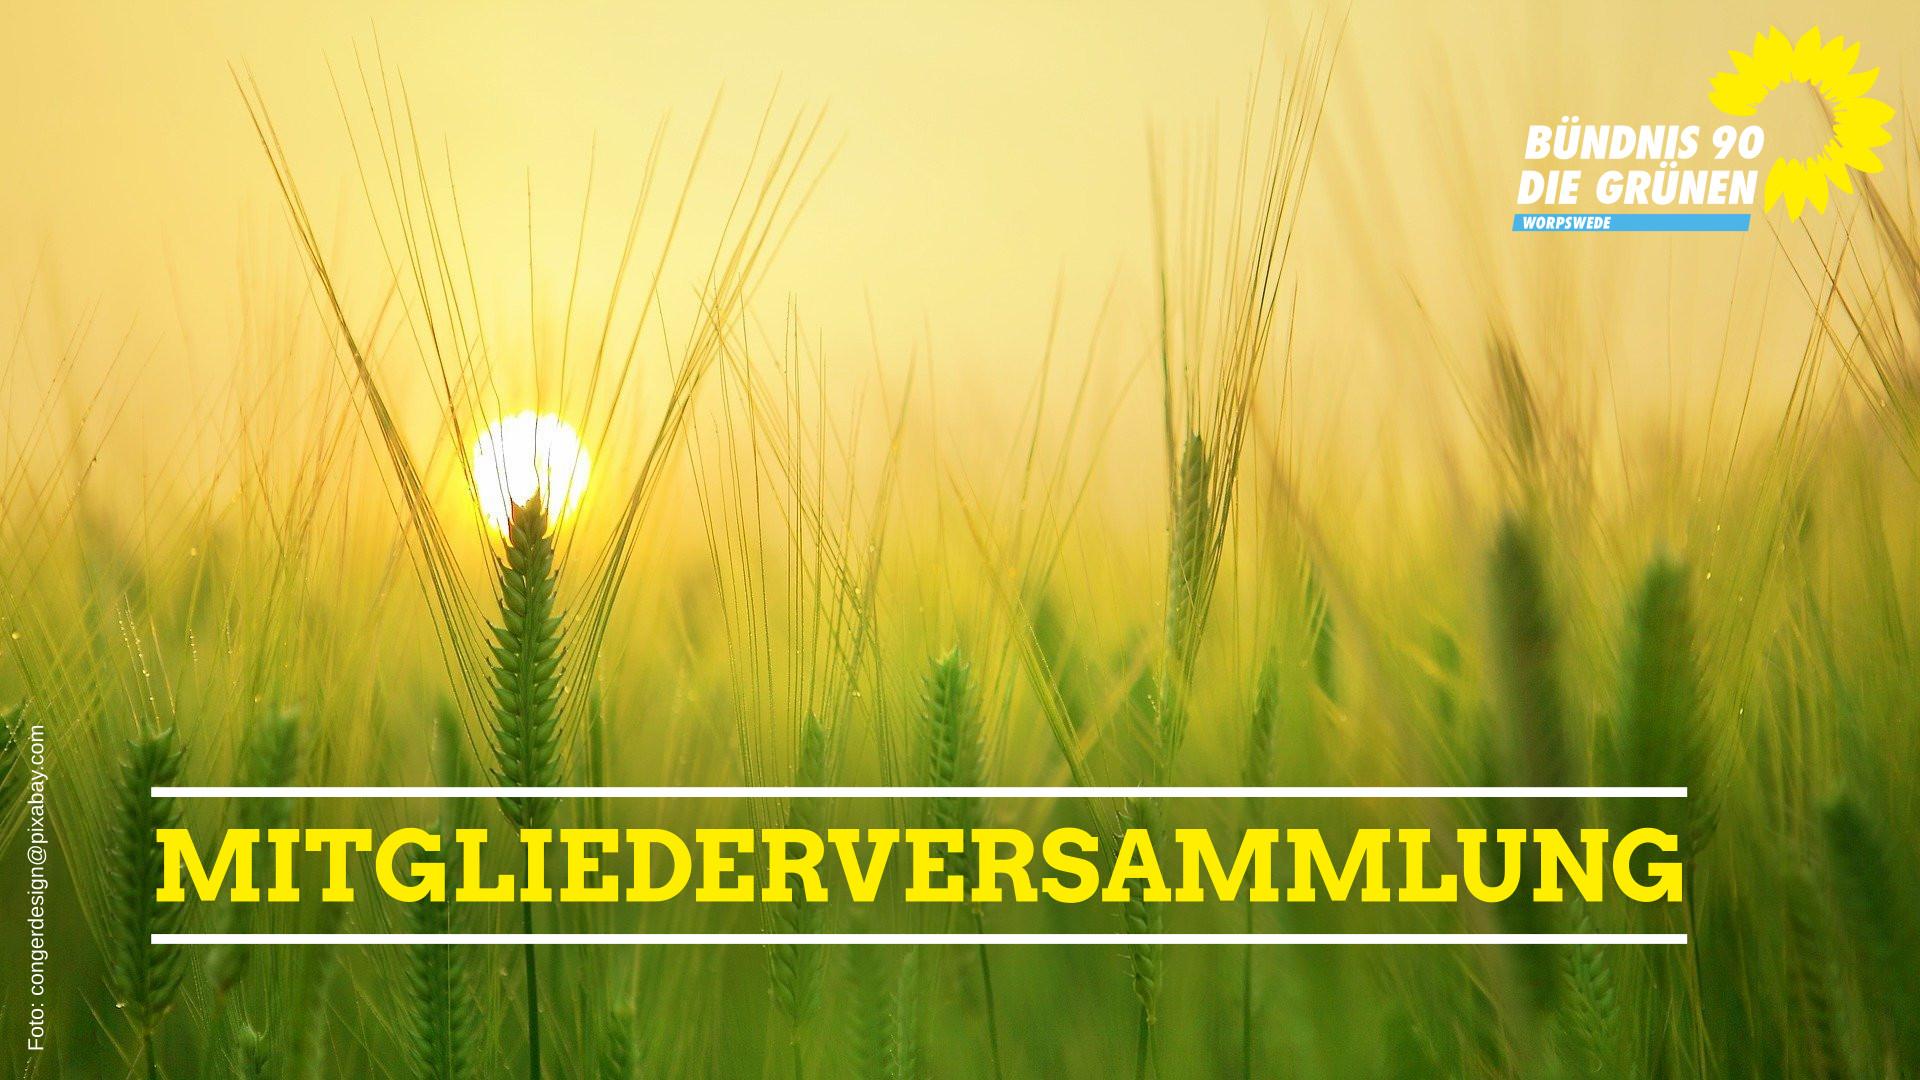 Mitgliederversammlung Die Grünen Worpswede